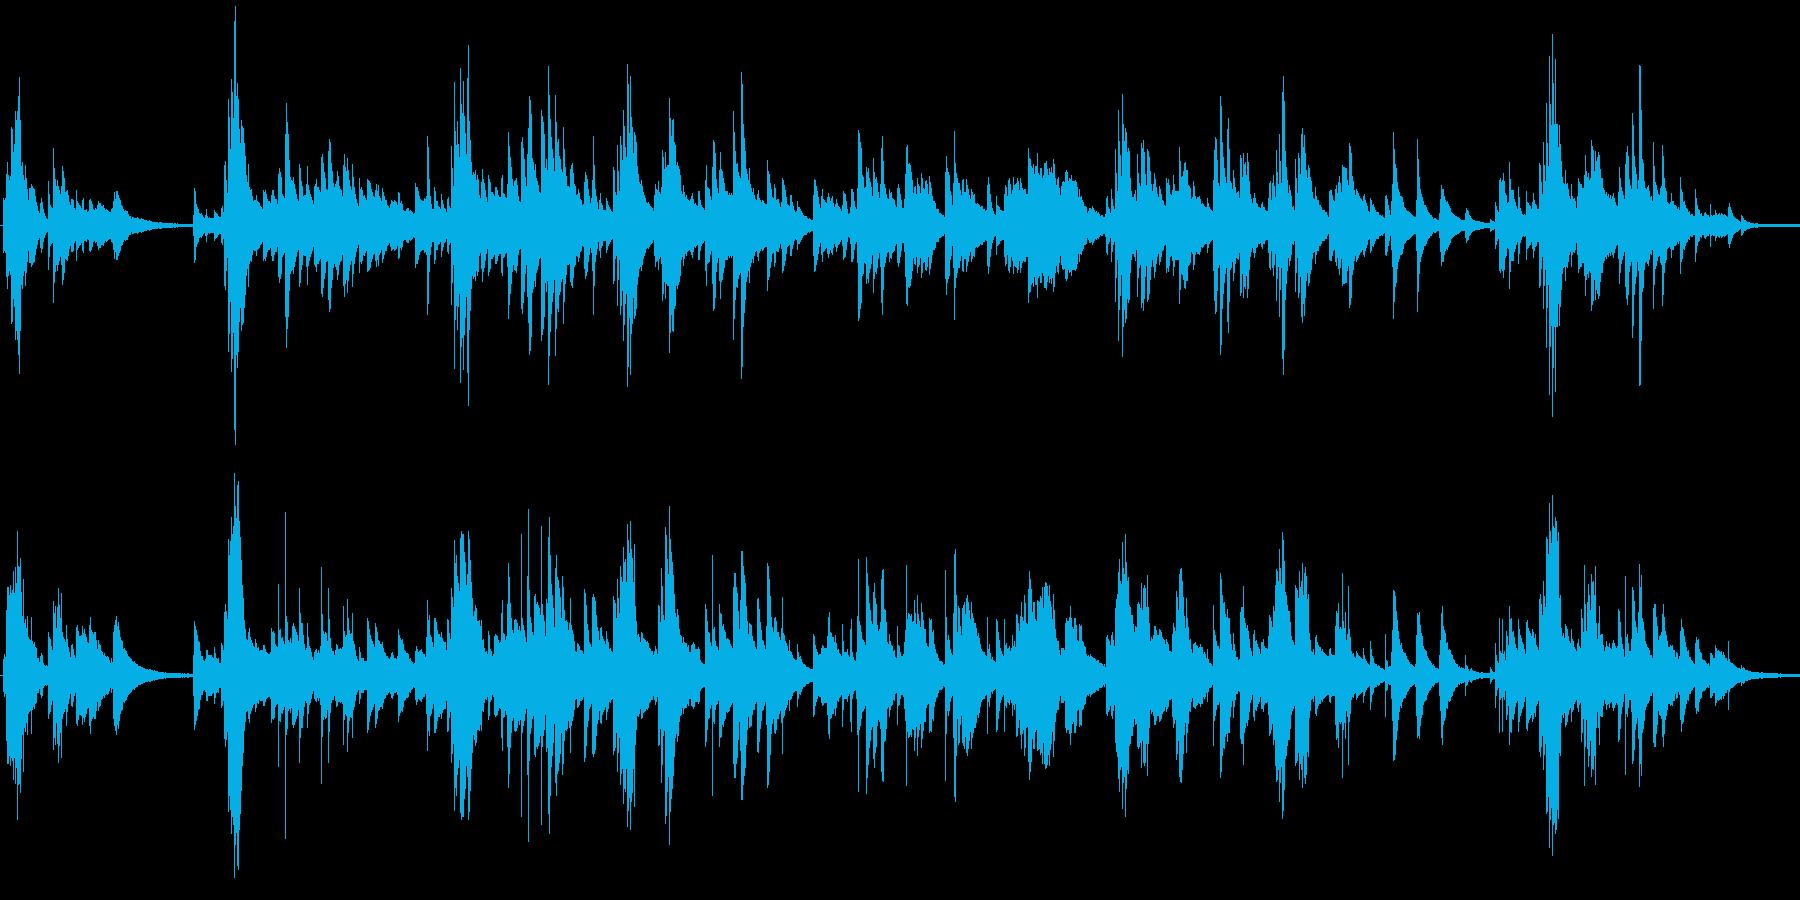 暖かく少し切ないピアノBGMの再生済みの波形